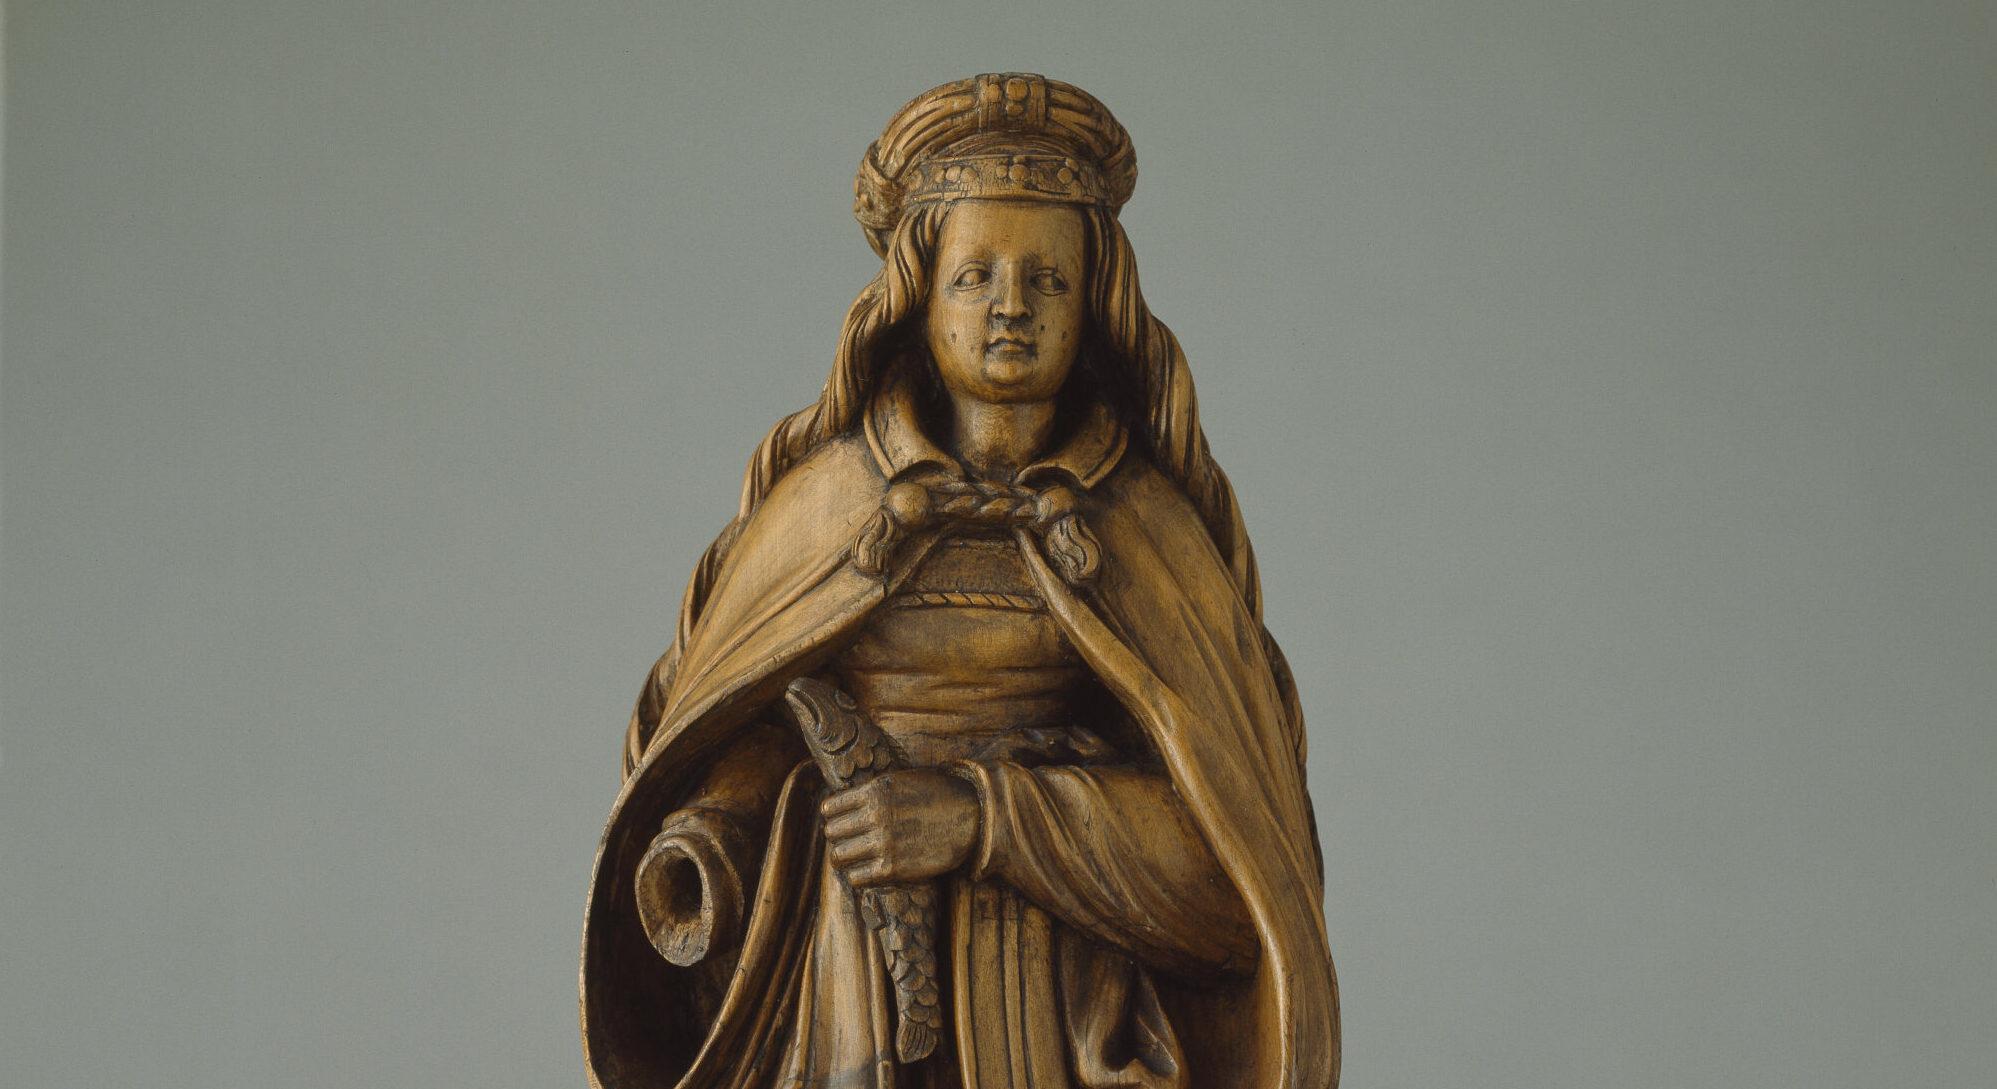 Skulptur der Heiligen Verena von Zurzach.